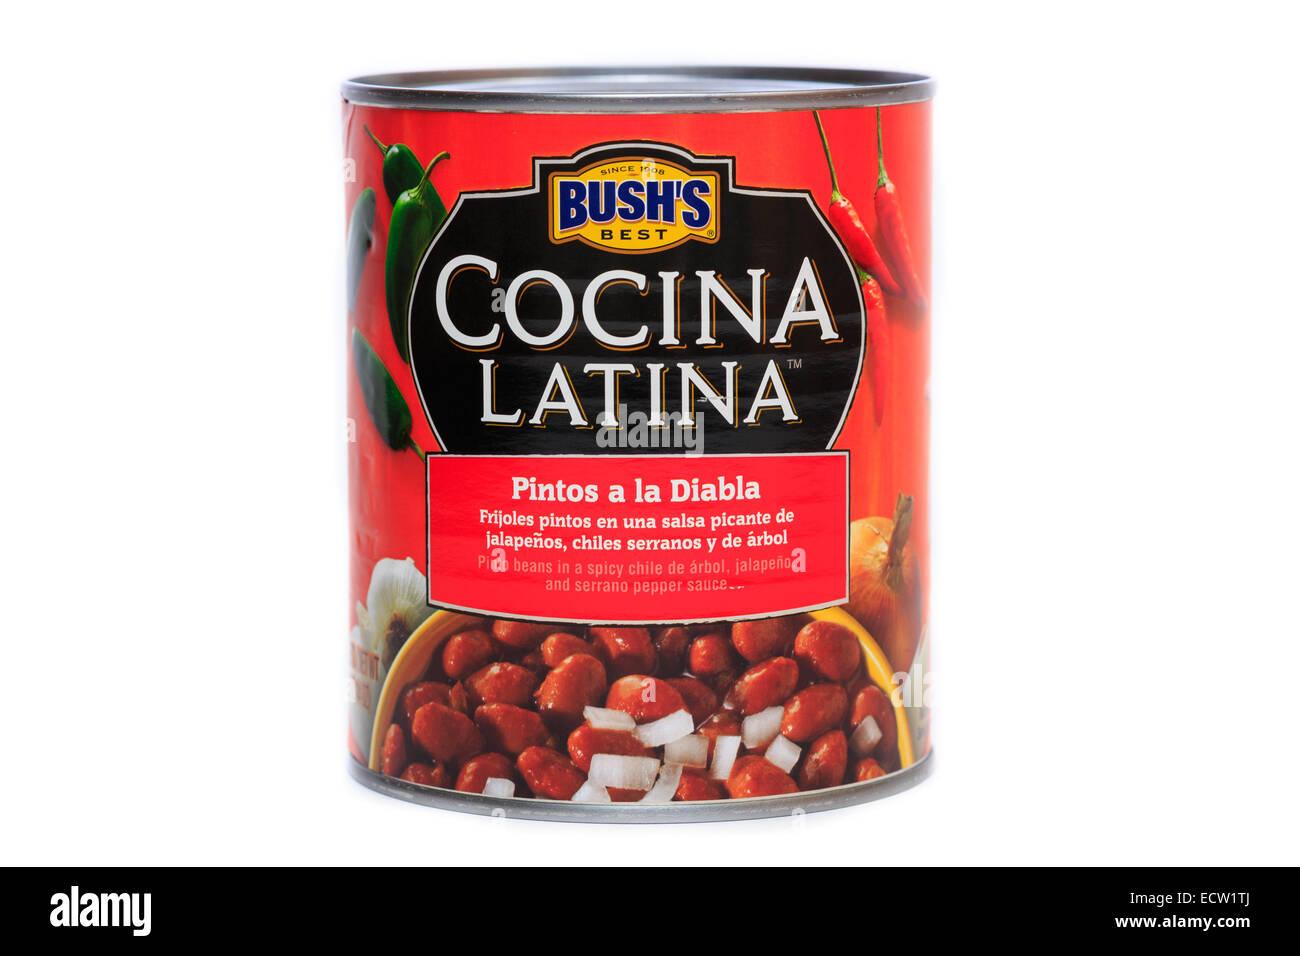 Bush's Best Cocina Latina Pintos a la Diablo Pinto Beans Stock Photo